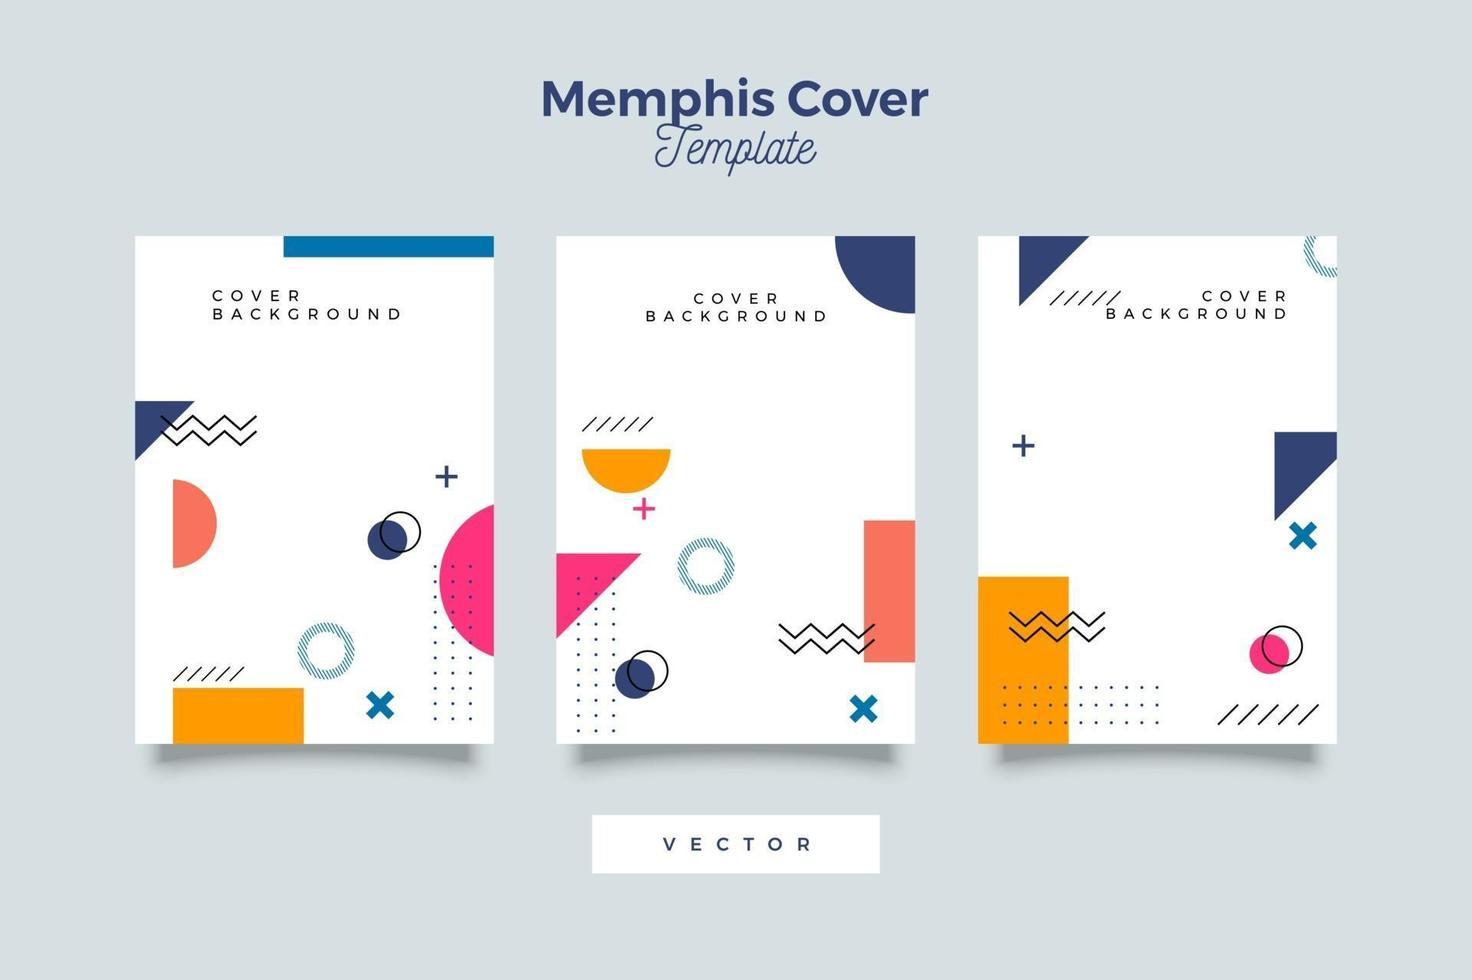 collection de couvertures dans les styles de memphis vecteur